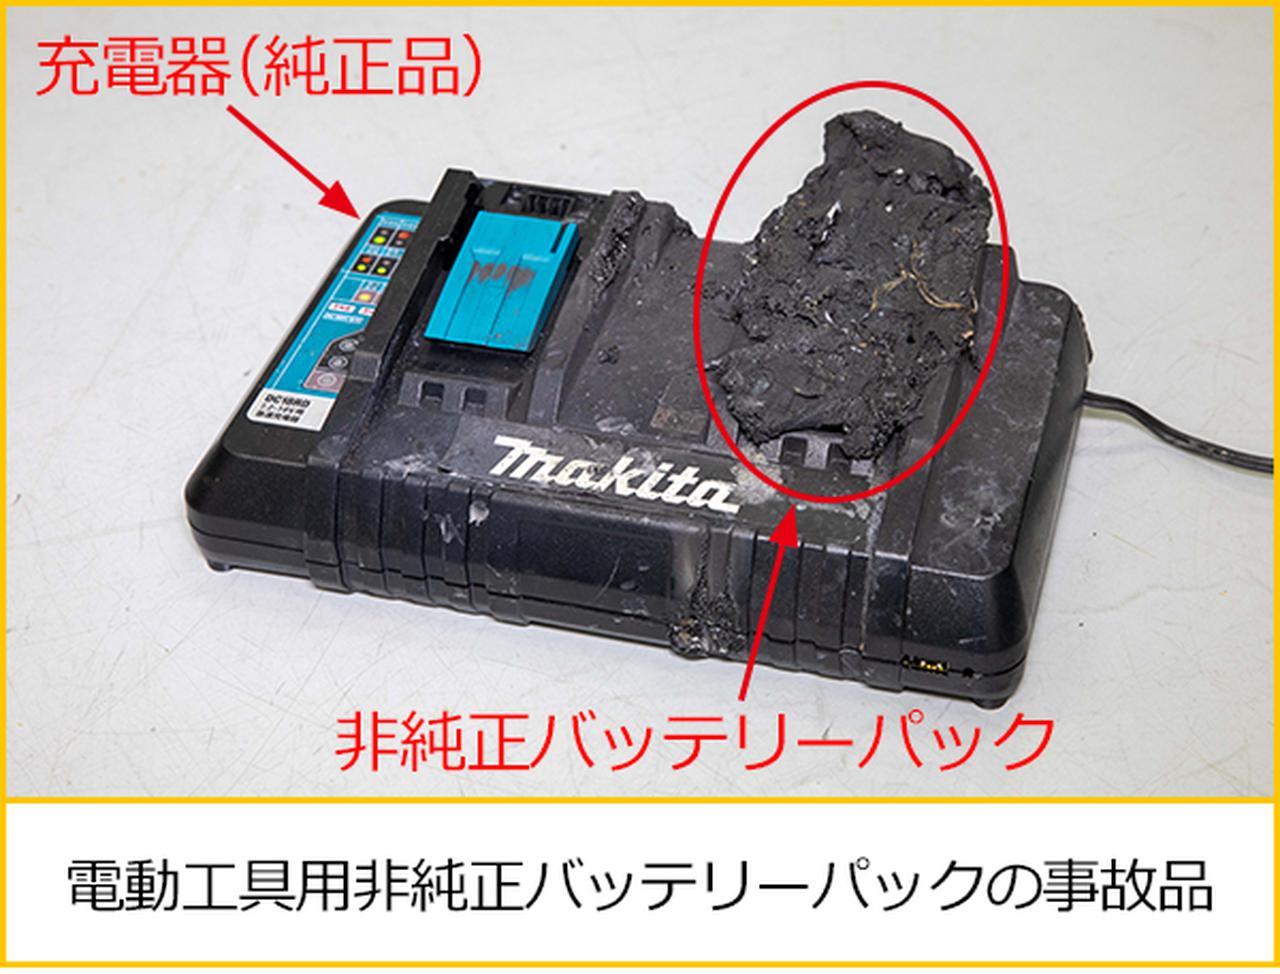 画像: nite 独立行政法人 製品評価技術基盤機構より 急増!非純正リチウムイオンバッテリーの事故 ~実態を知り、事故を防ぎましょう~ www.nite.go.jp